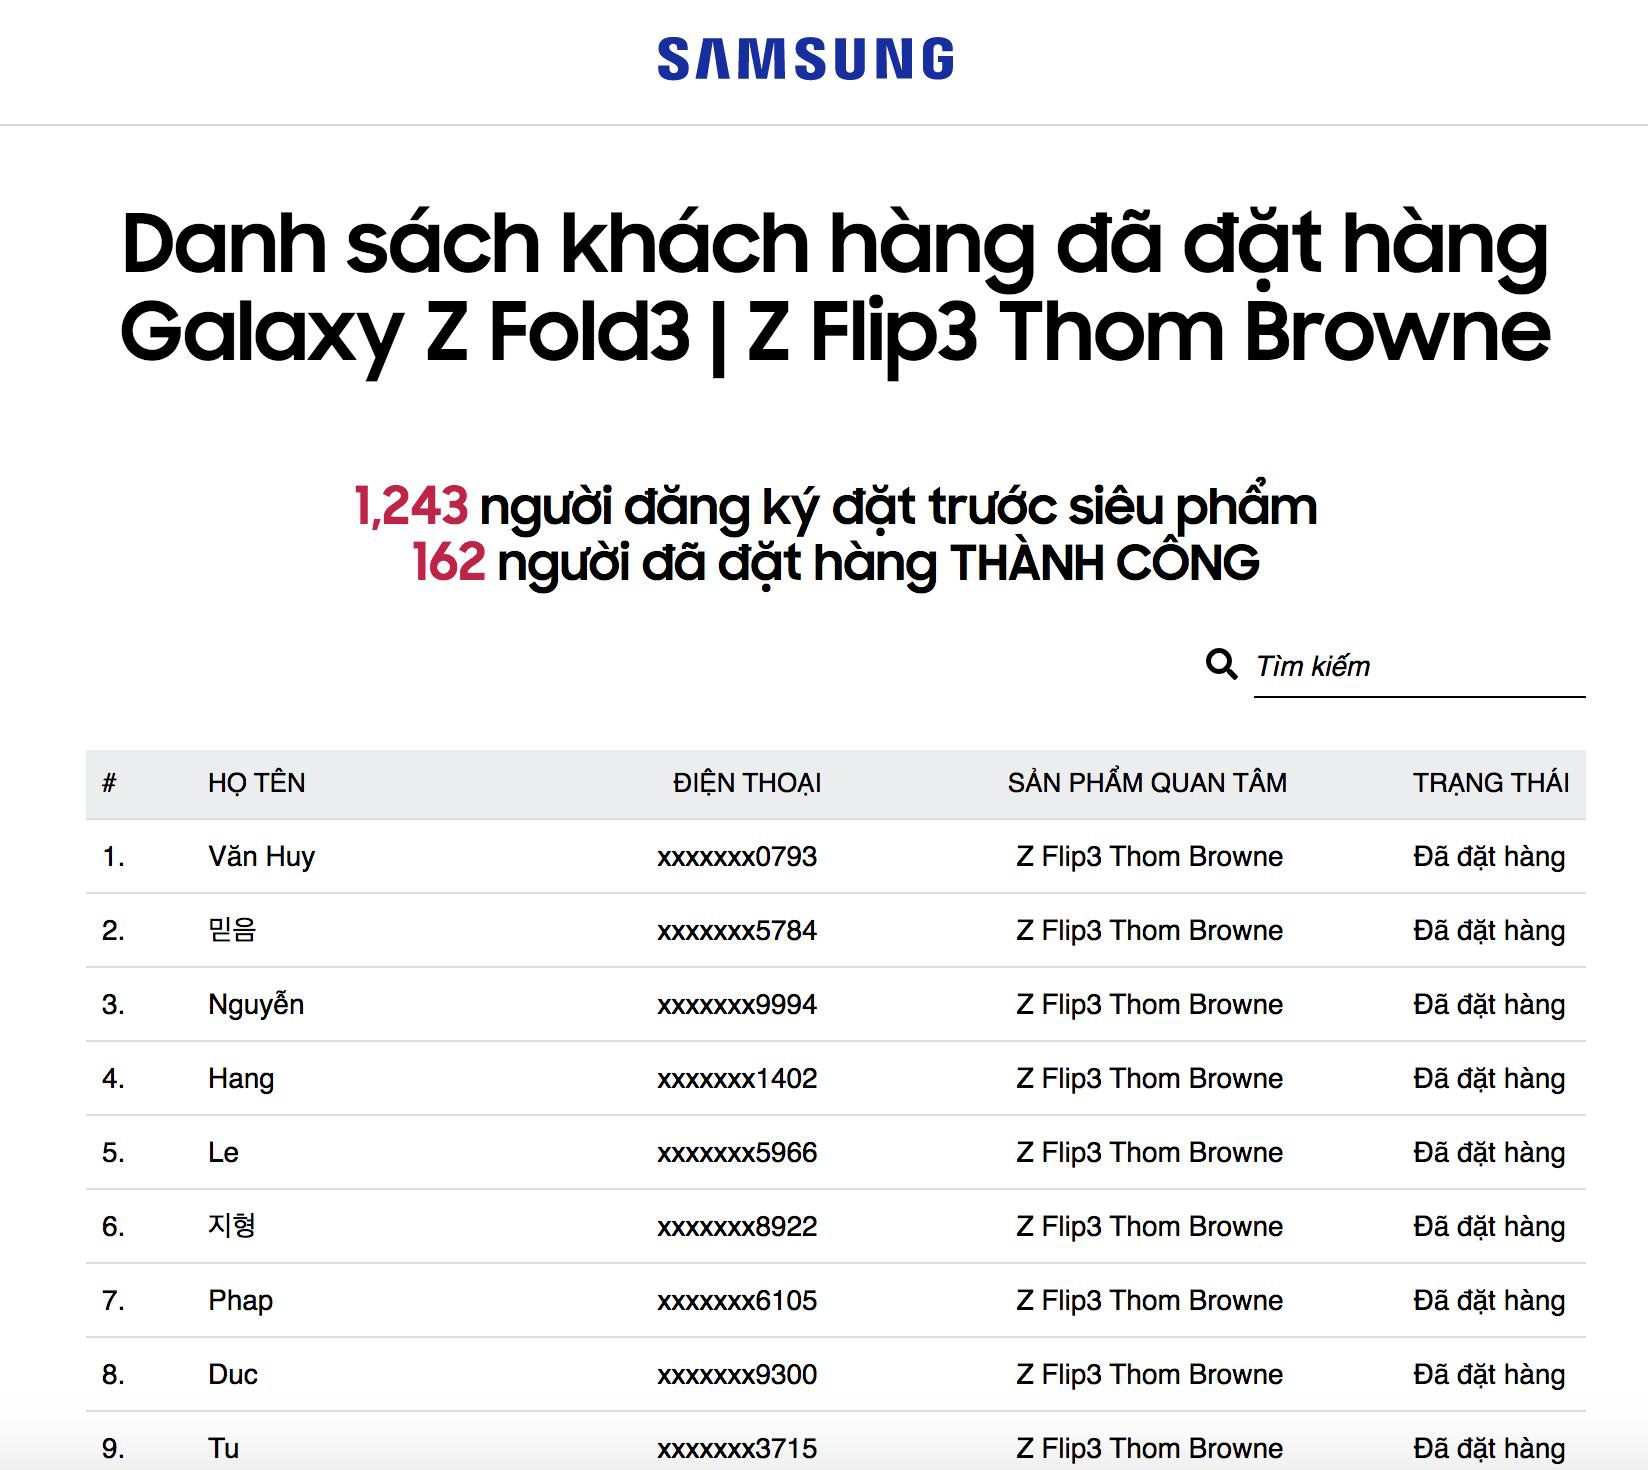 200 máy Galaxy Z Thom Browne đã tìm được chủ nhân sau nửa ngày mở bán - Ảnh 3.